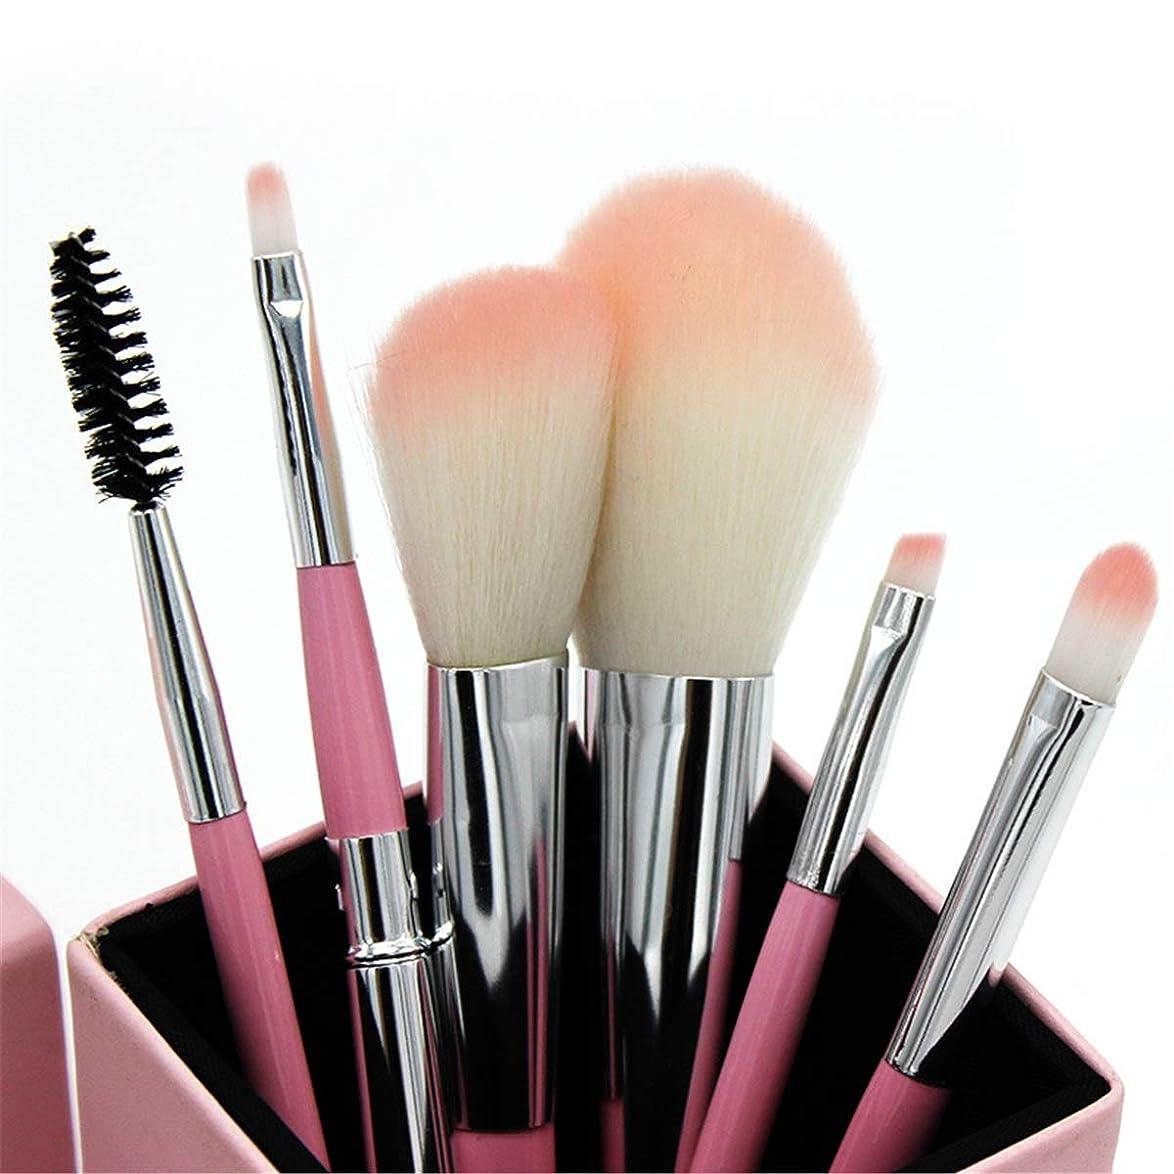 反対にだらしない目立つ化粧用品 新しい8ピース竹炭繊維ピンク化粧ブラシバレル美容メイク柔らかい髪化粧ツールチューブアイシャドウブラシ